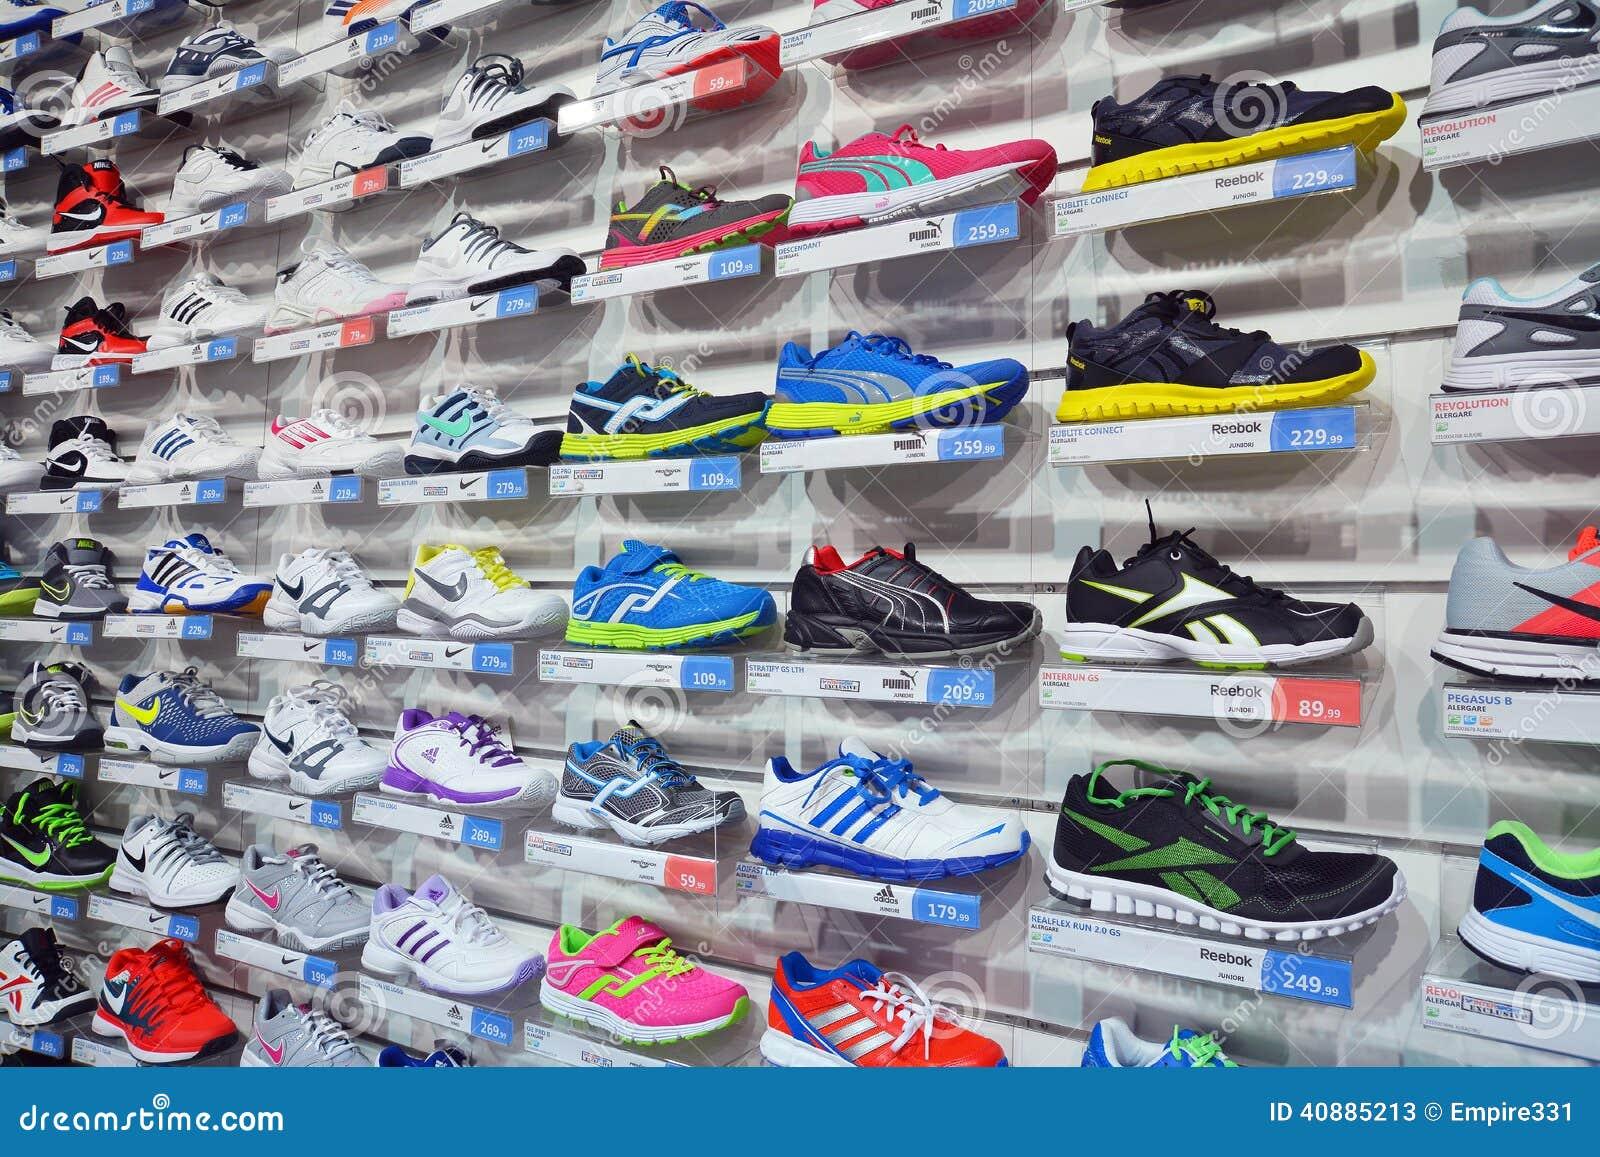 56290ce6387 Timisoara, Ρουμανία, στις 21 Μαΐου: Κατάστημα αθλητικών παπουτσιών,  Timisoara, Ρουμανία Πυροβοληθείς παρμένος στις 21 Μαΐου 2014